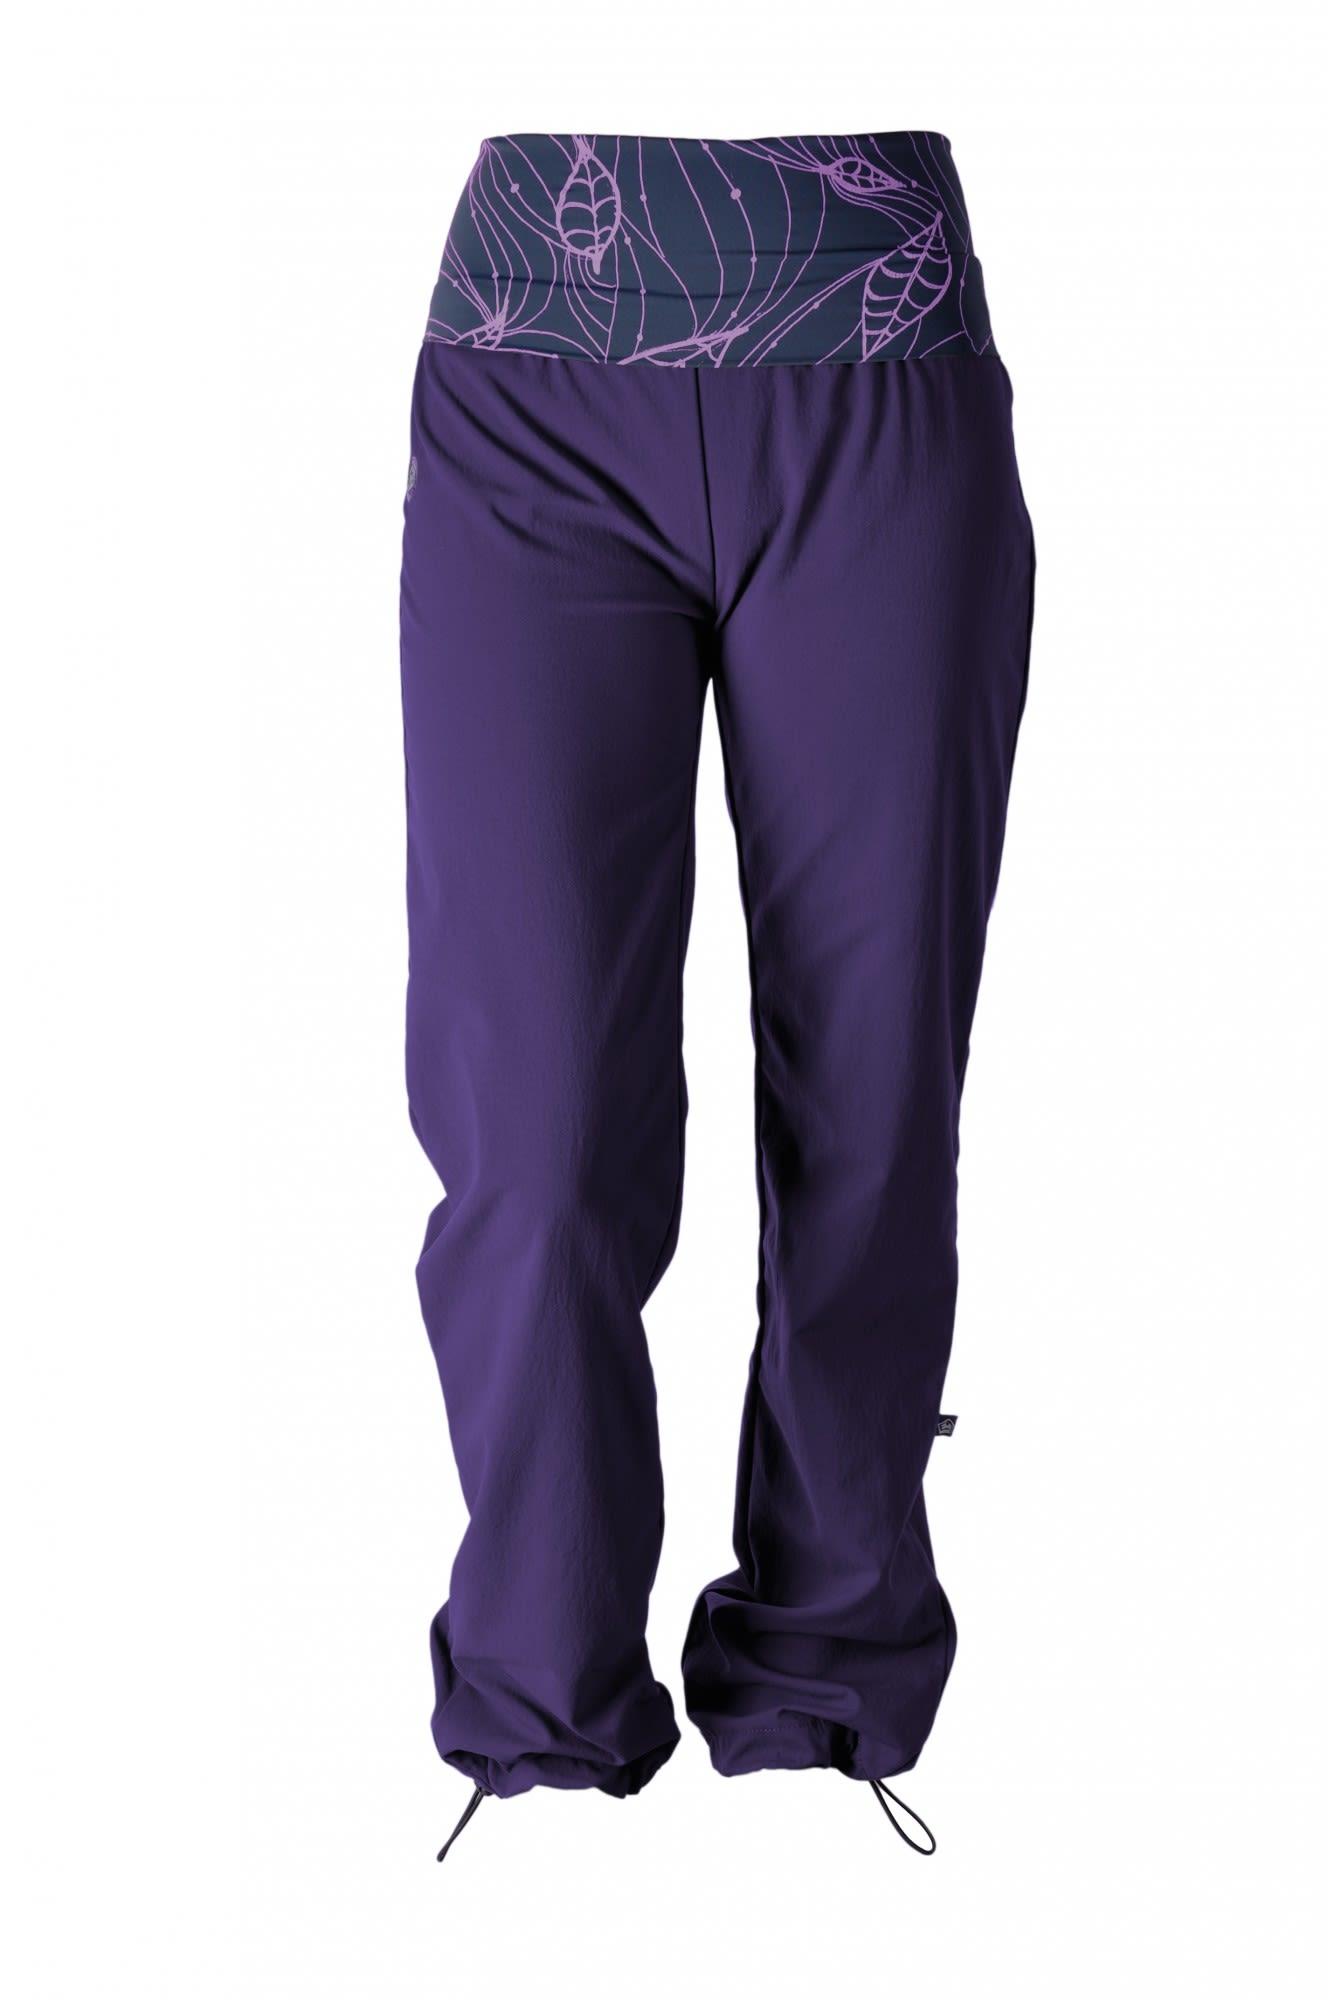 E9 Andrea Lila/Violett, Female XS -Farbe Purple, XS